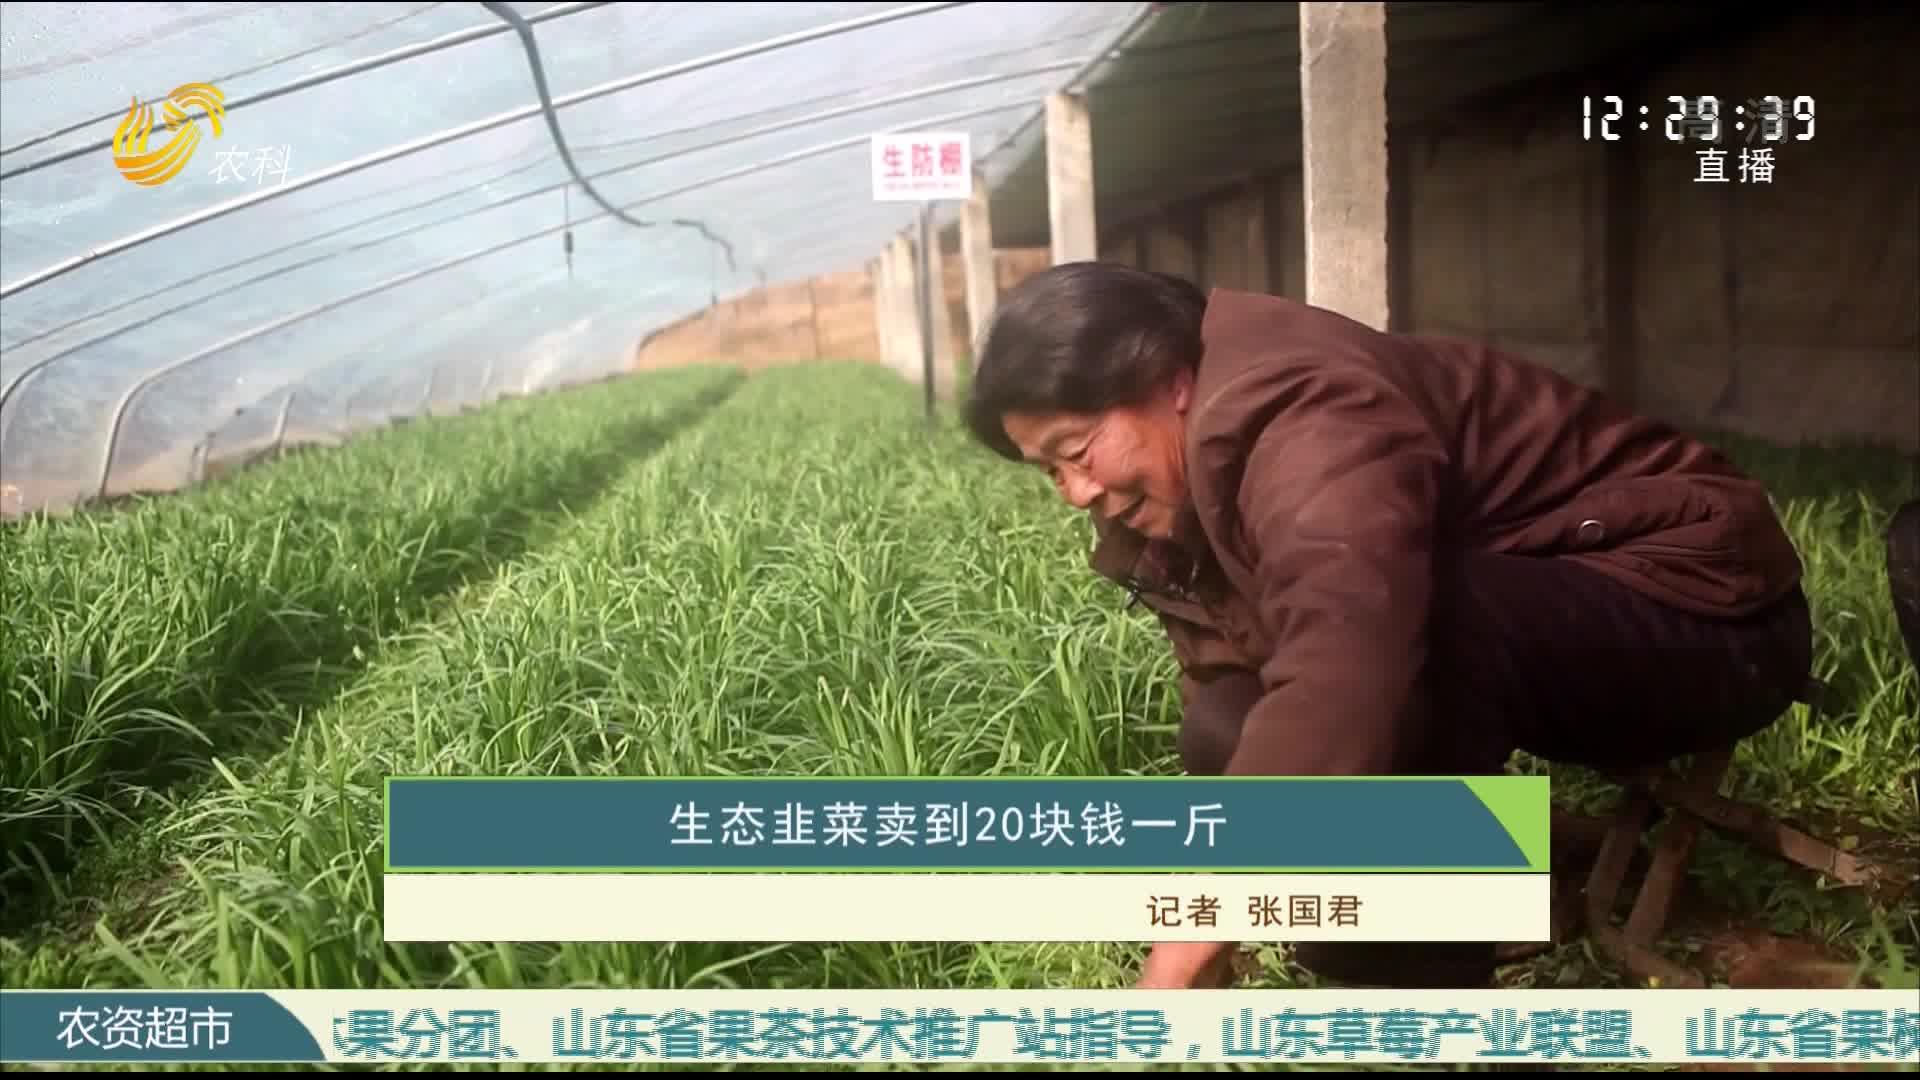 生态韭菜卖到20块钱一斤